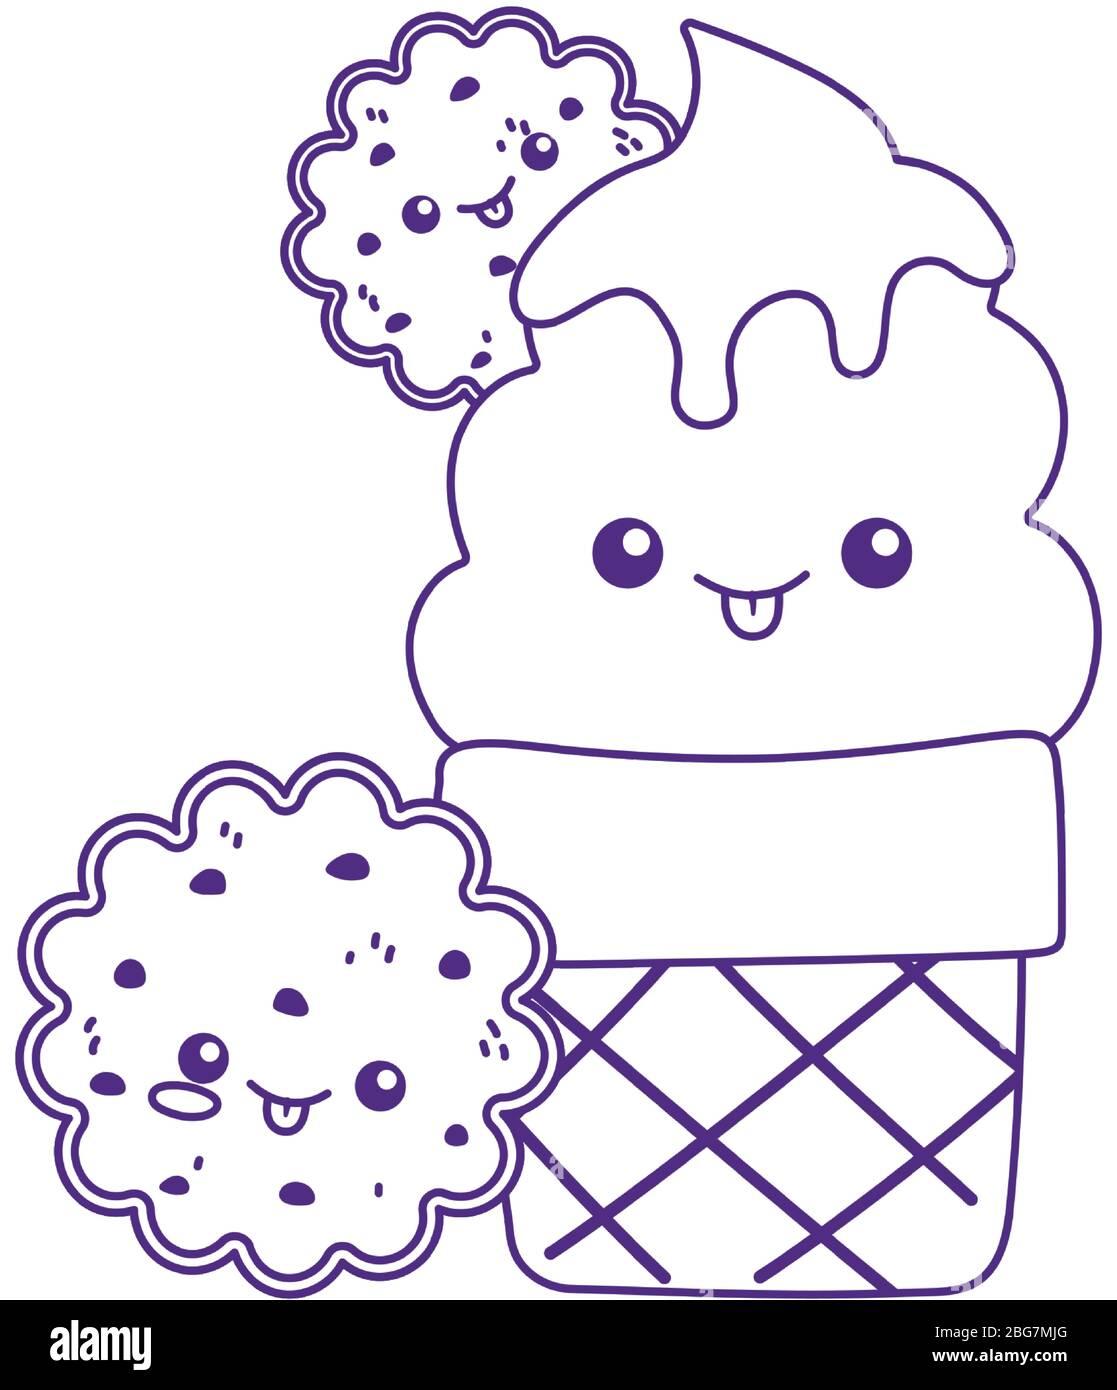 Mignonne Glace Cone Et Cookies Kawaii Dessin Anime Personnage Illustration Vectorielle Image Vectorielle Stock Alamy